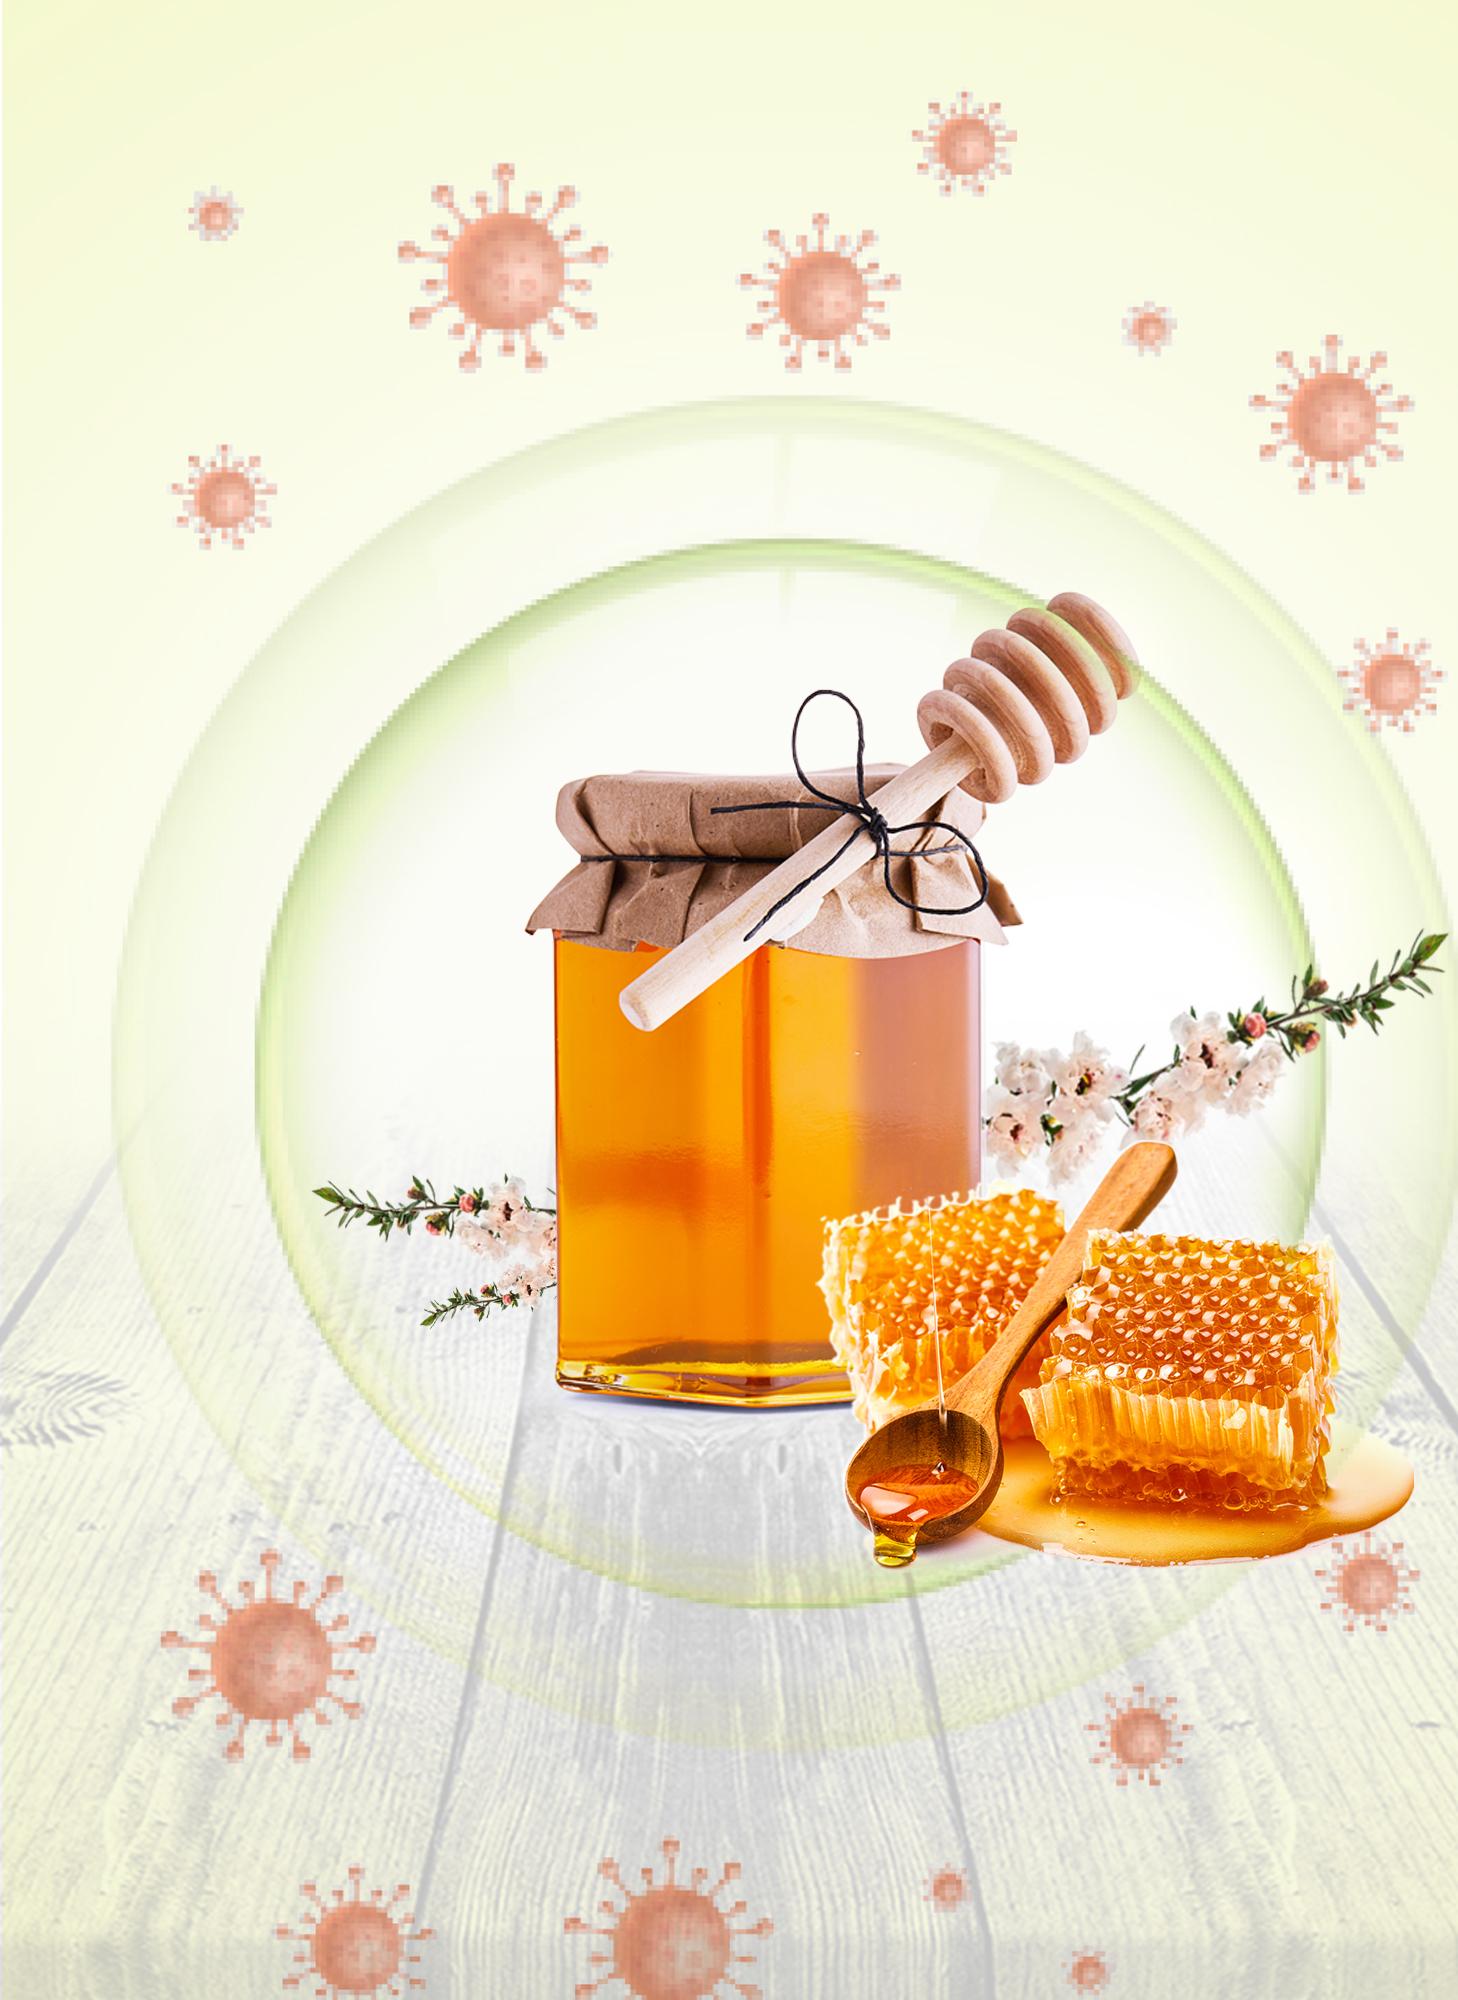 manuka honey produced-Healthy 5